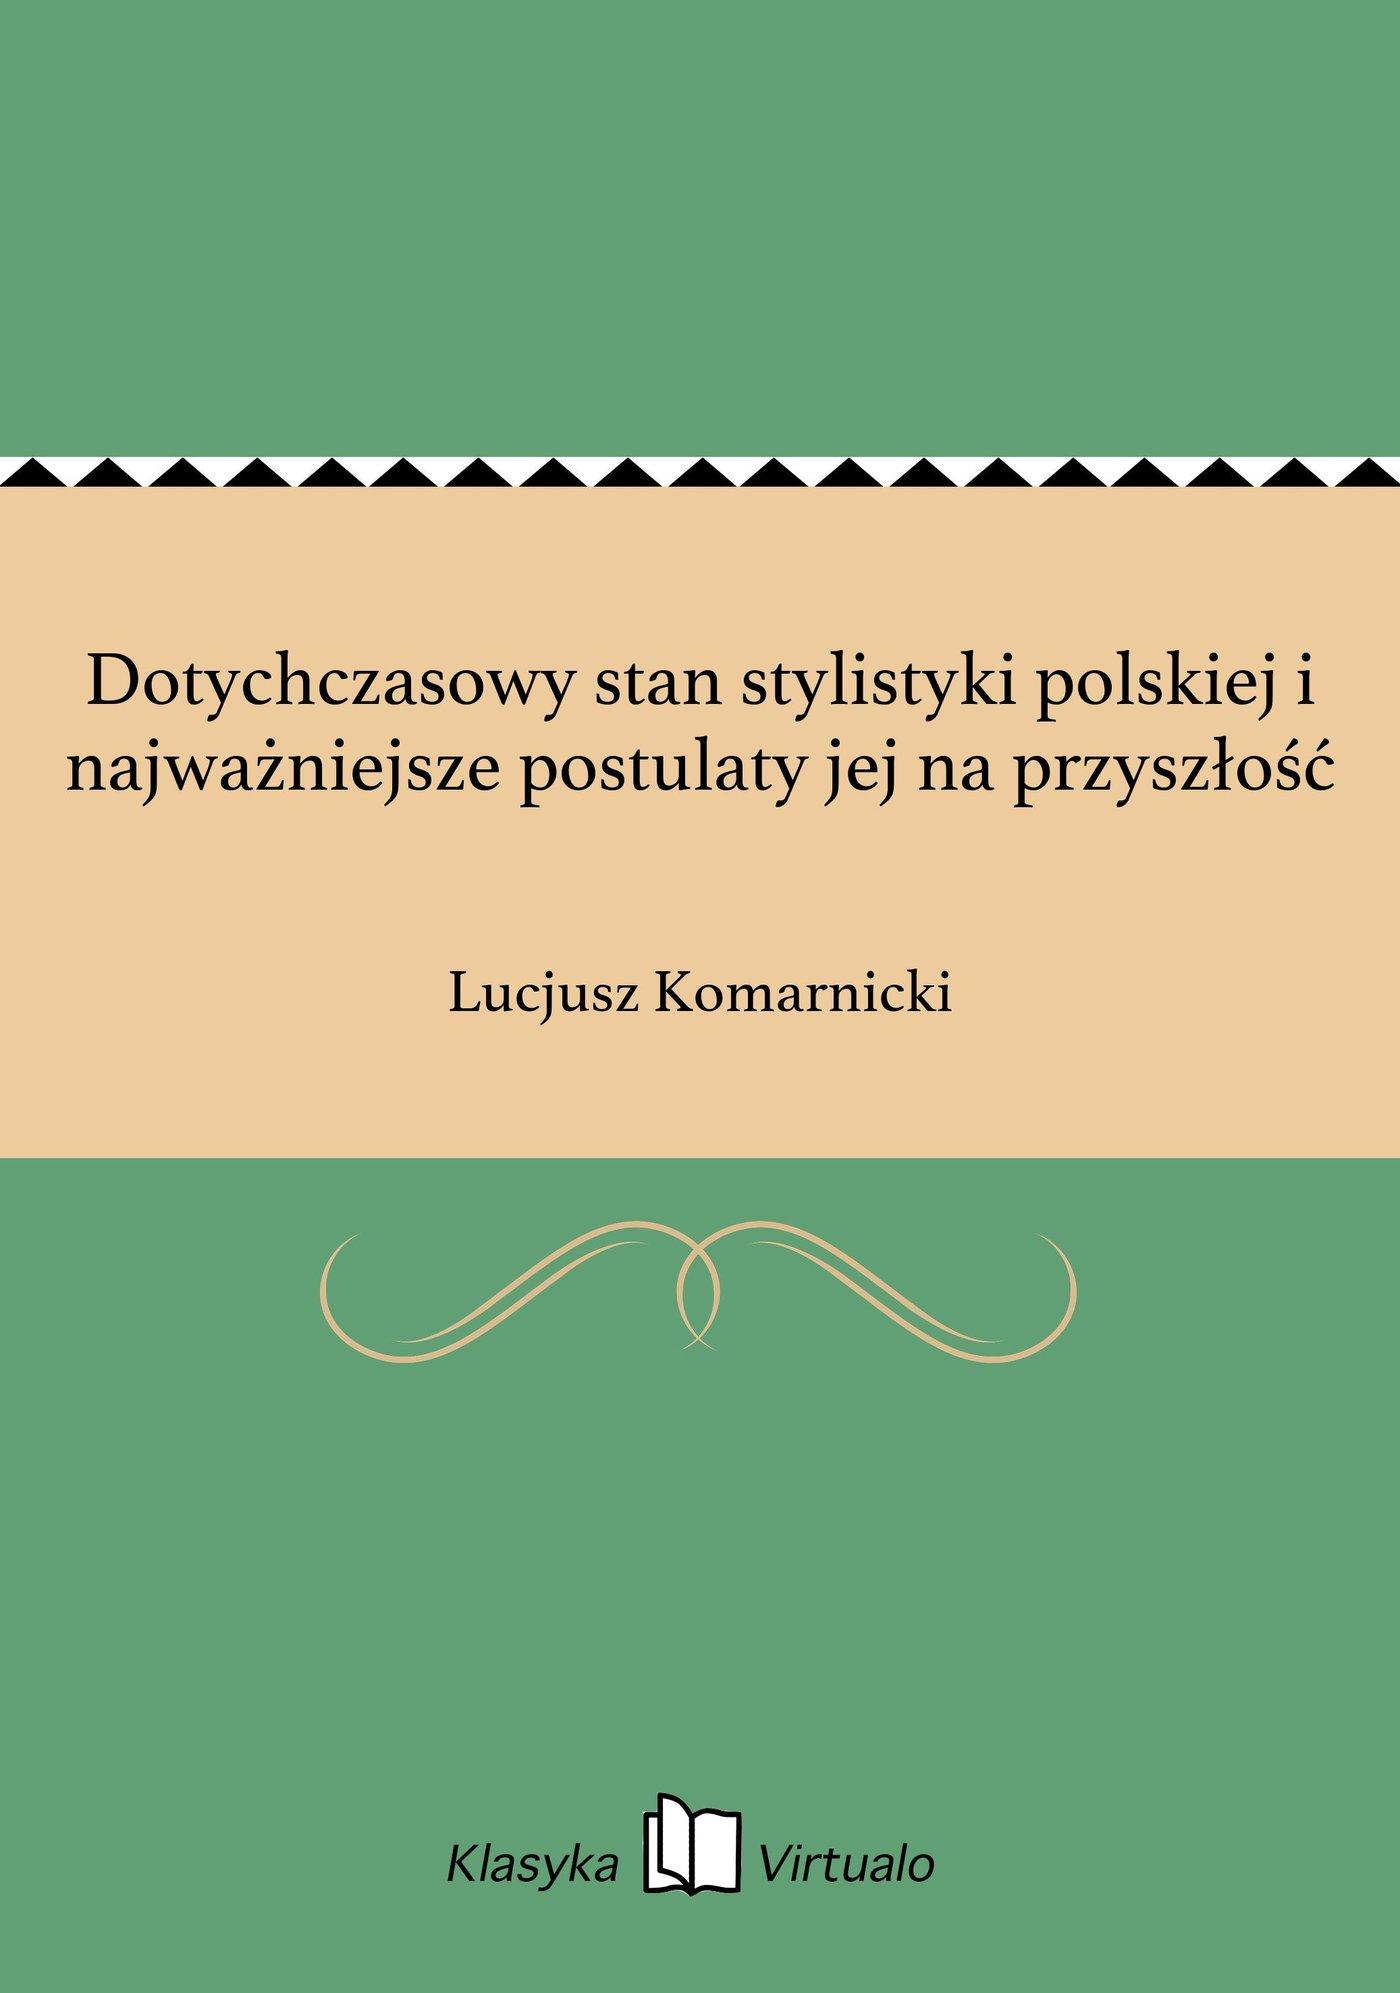 Dotychczasowy stan stylistyki polskiej i najważniejsze postulaty jej na przyszłość - Ebook (Książka EPUB) do pobrania w formacie EPUB